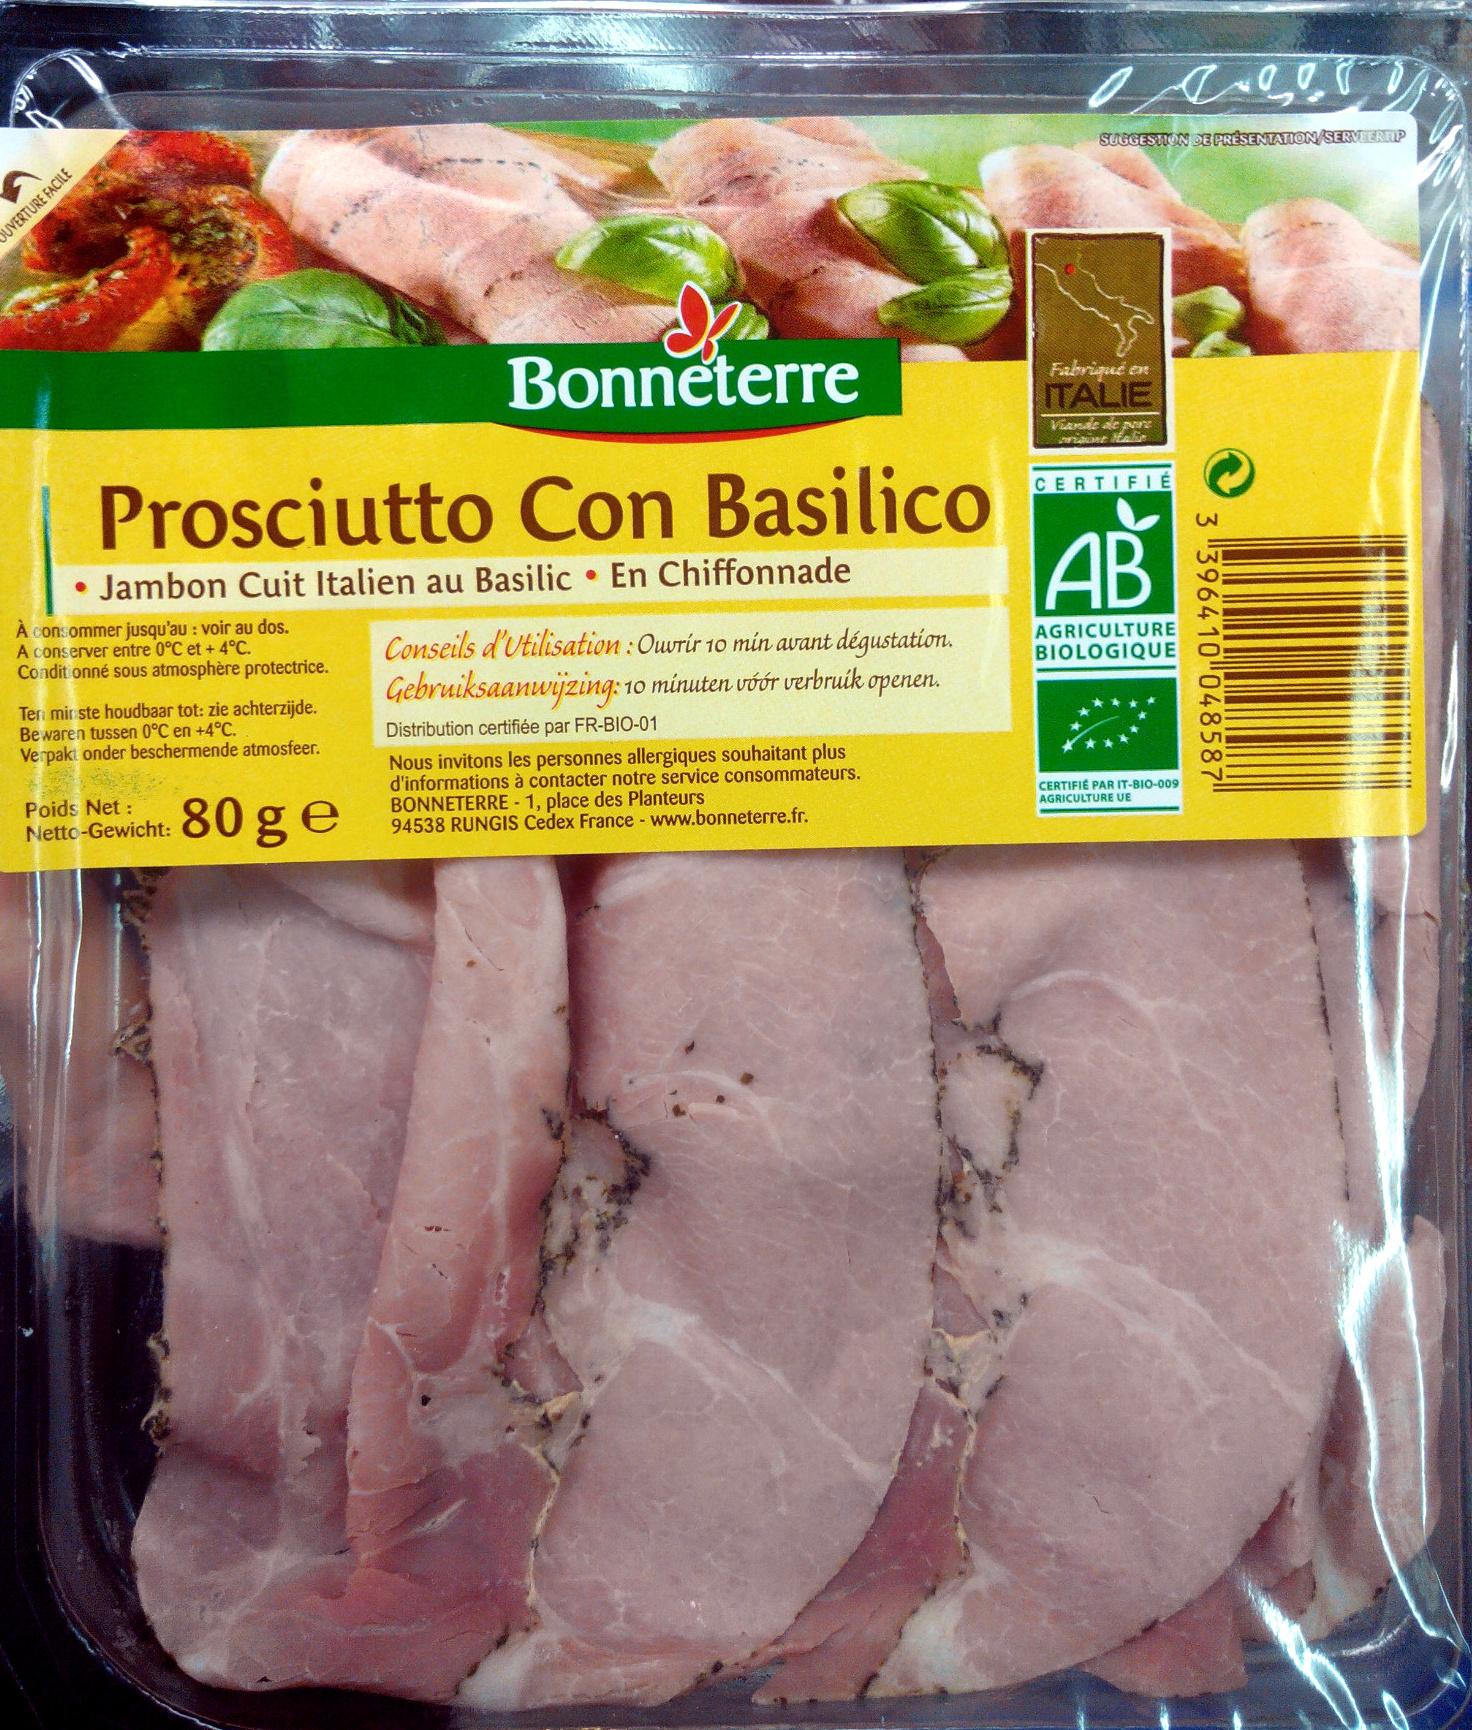 Prosciutto Con Basilico - Product